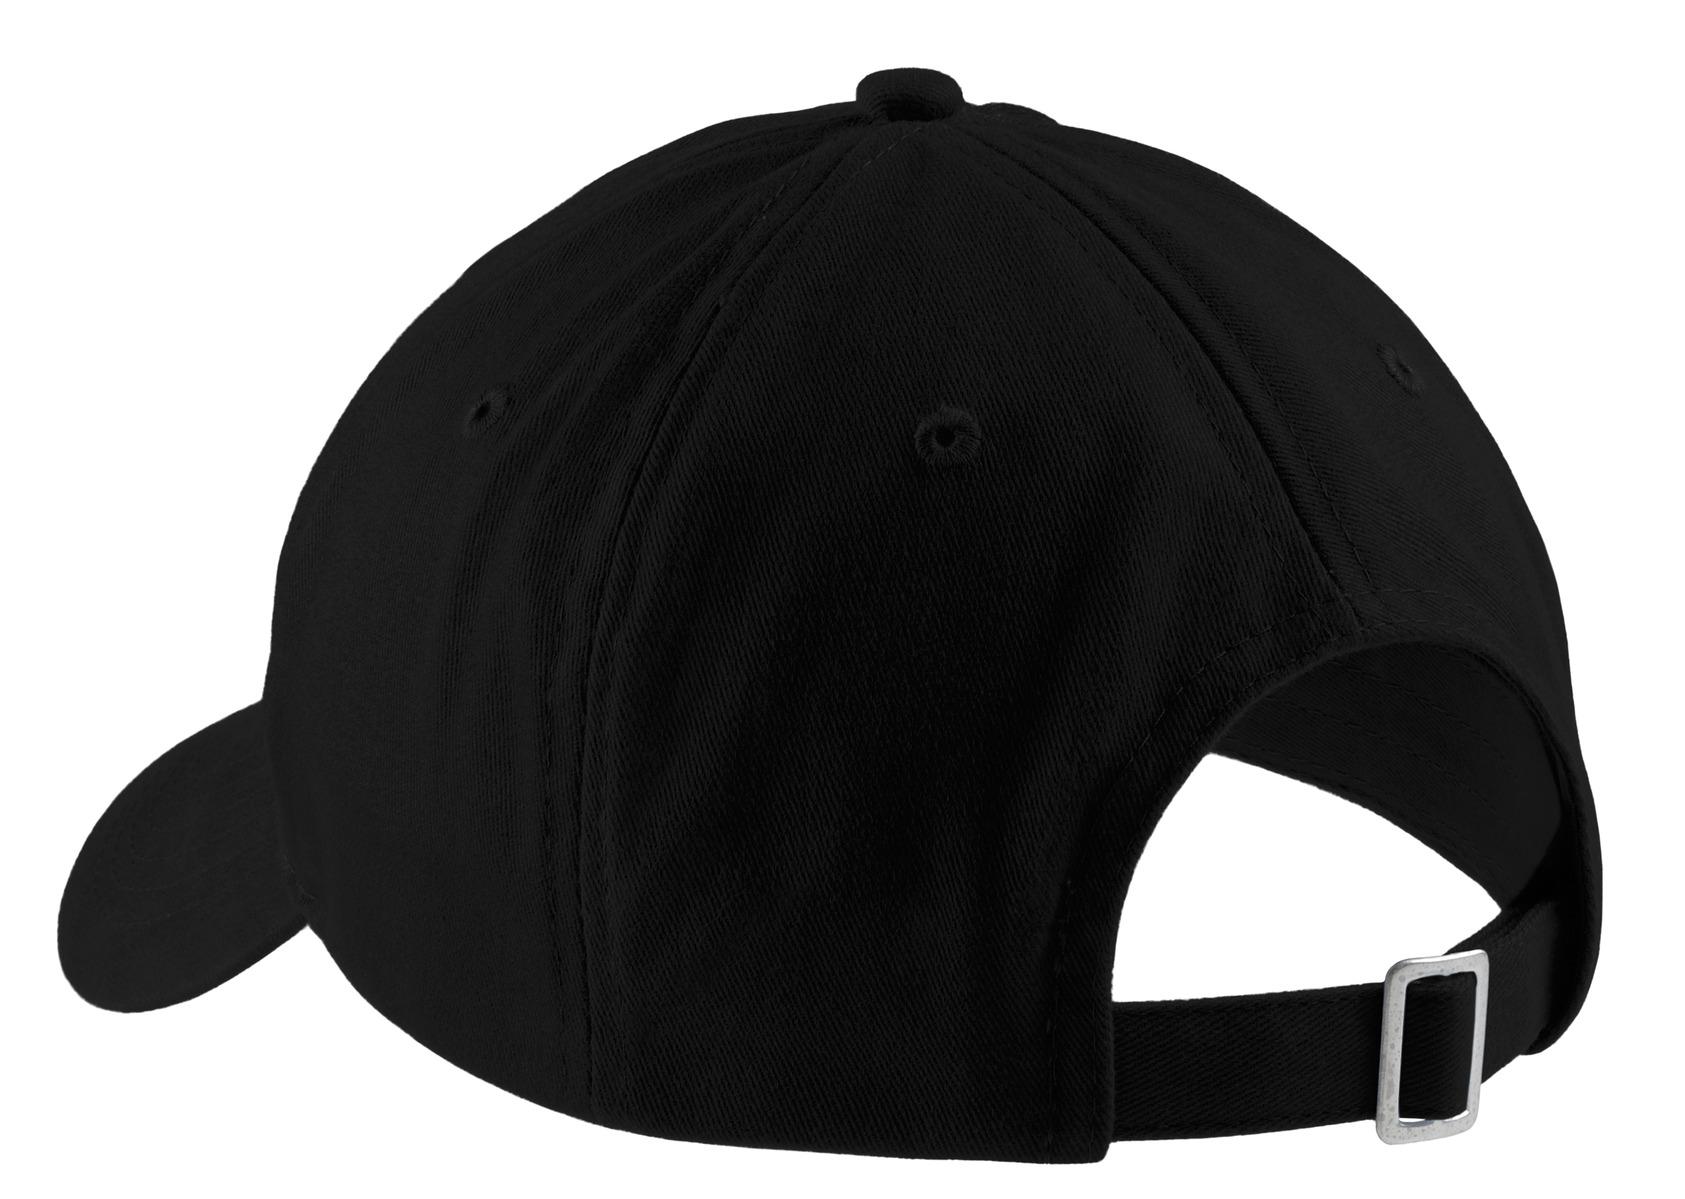 WCR Low Profile Hat (Unisex) - WCR4265